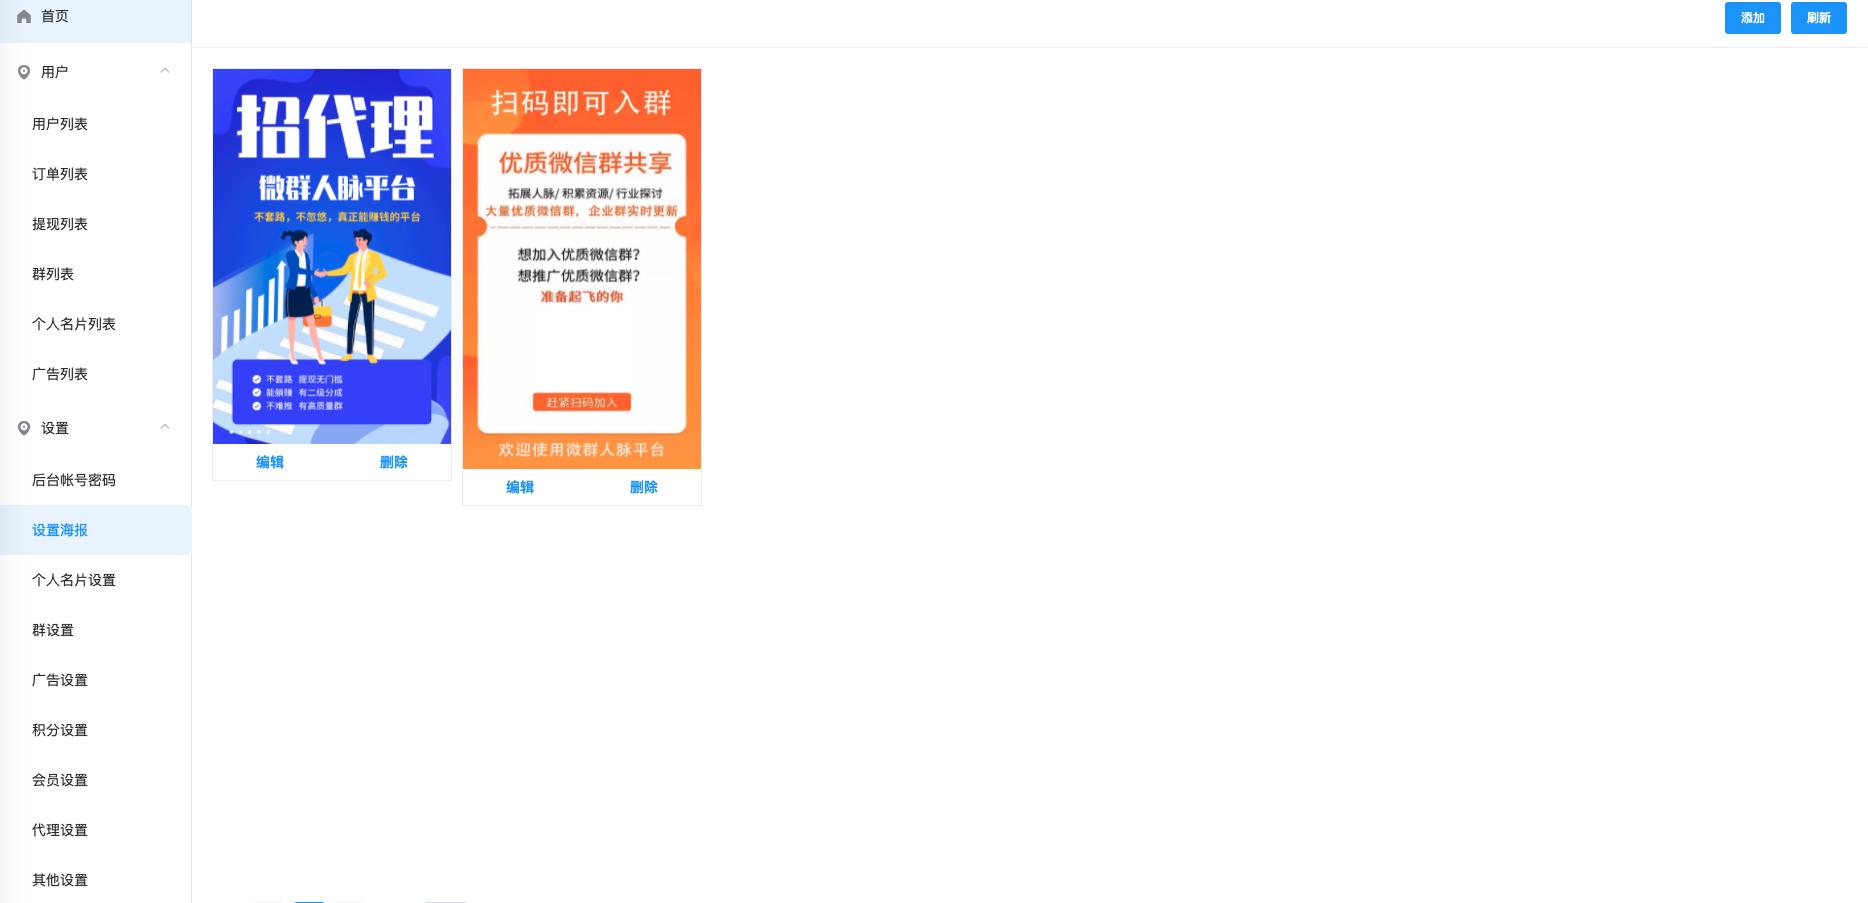 【亲测源码】【全网首发】新版本独立微信社群人脉系统社群空间站码开源会员付费加群分销裂变广场空间系统+详细教程插图7